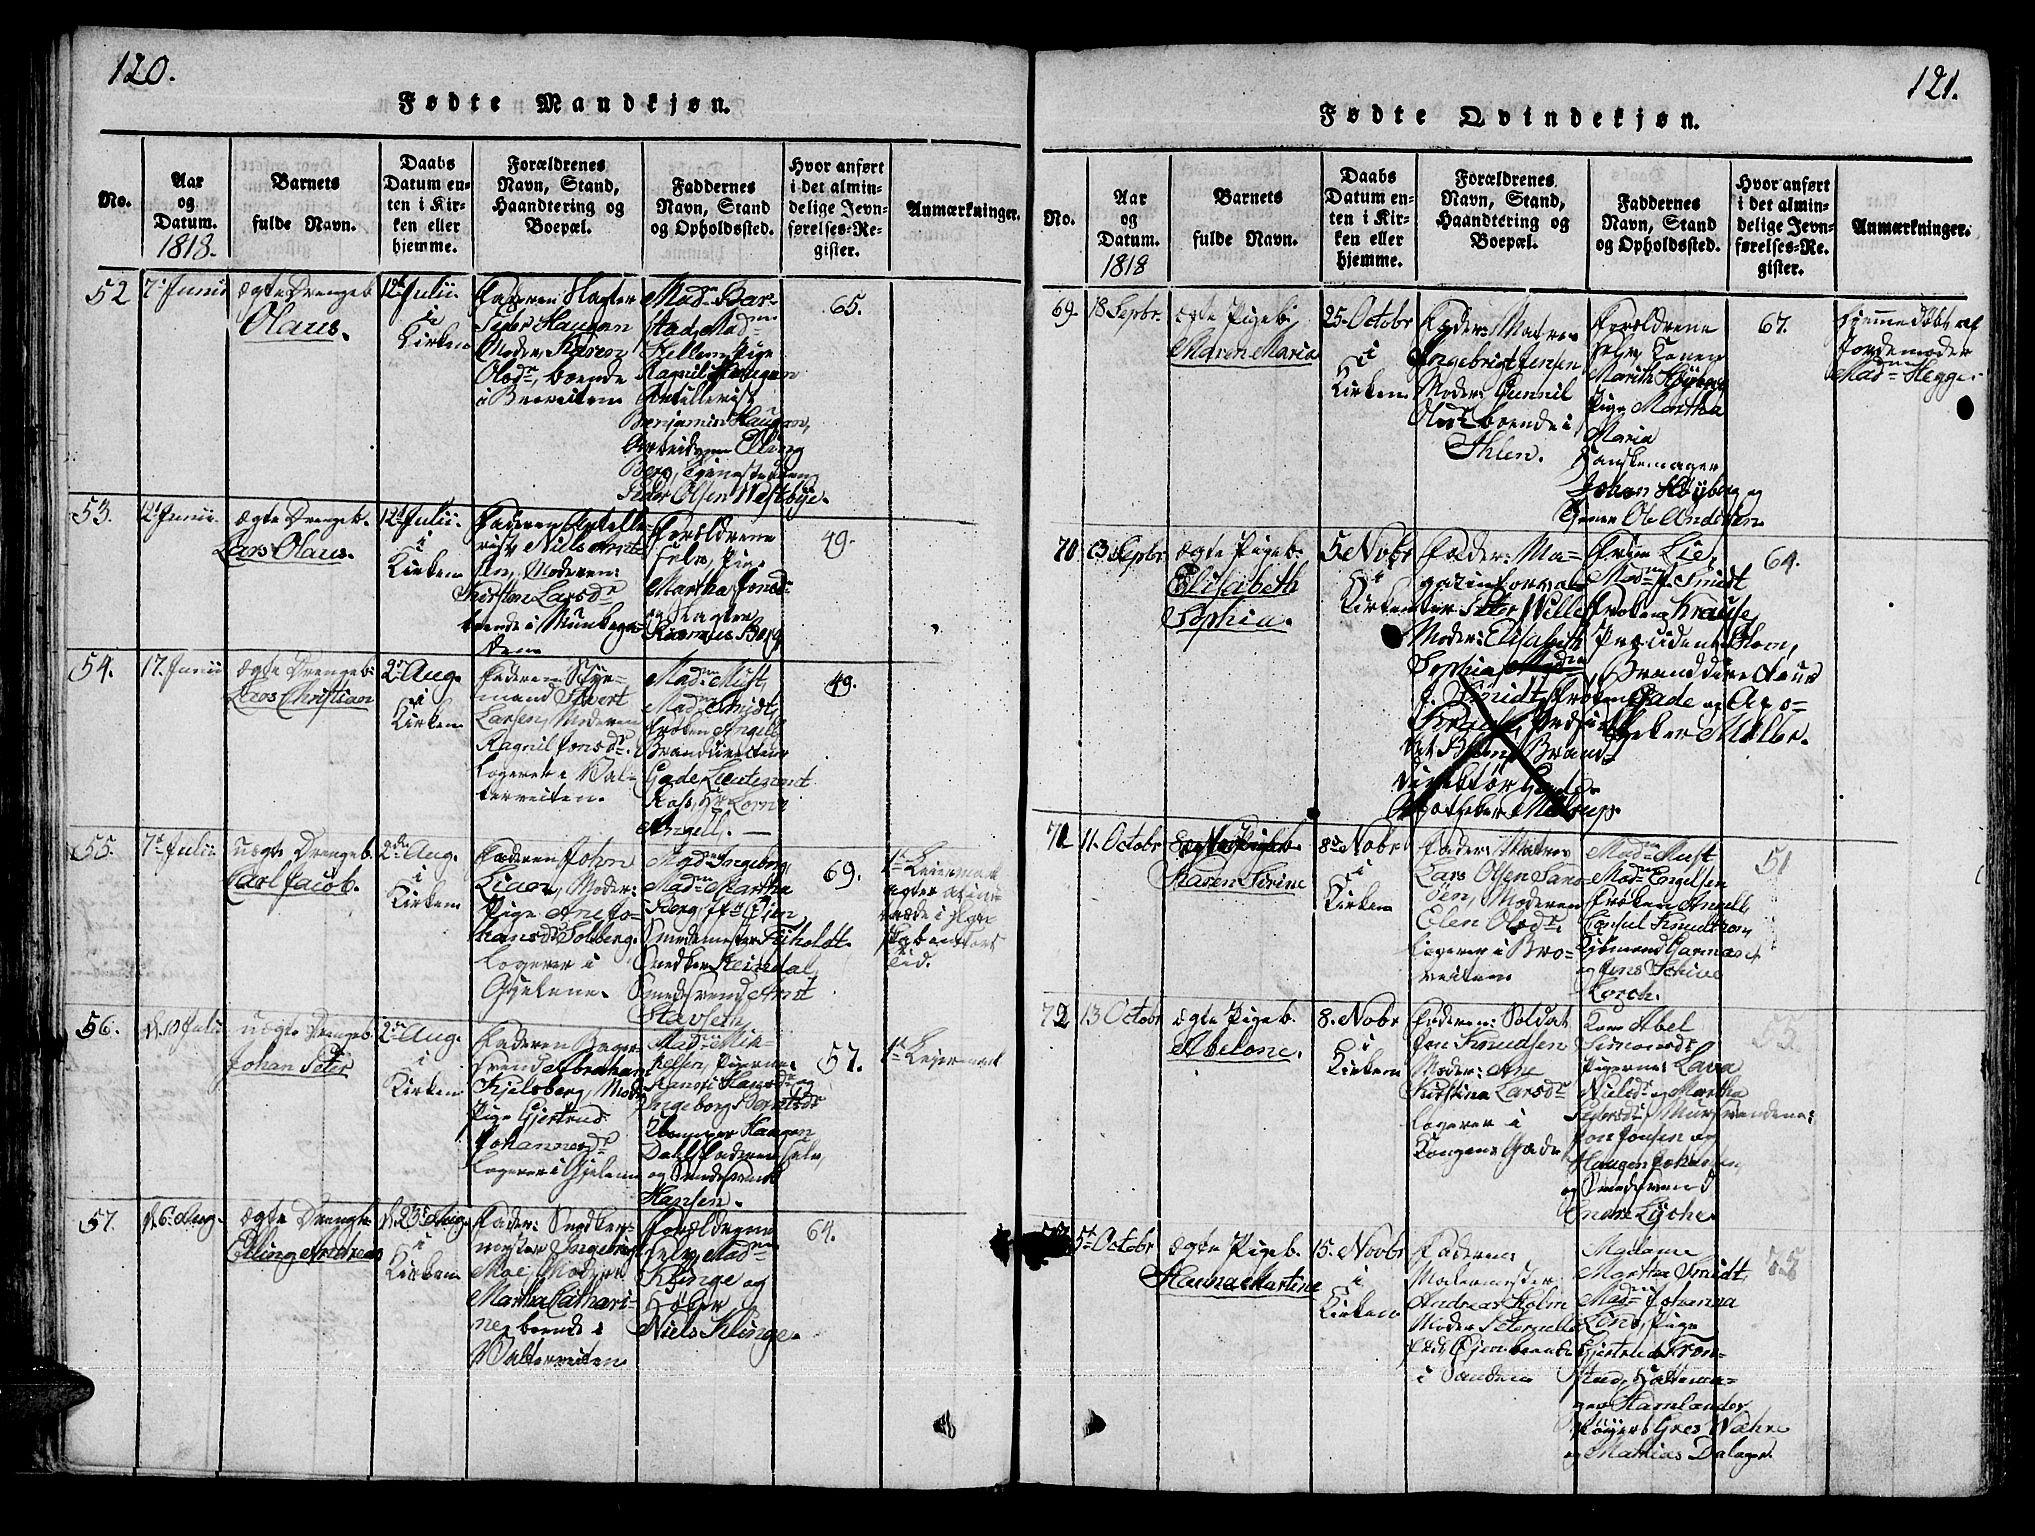 SAT, Ministerialprotokoller, klokkerbøker og fødselsregistre - Sør-Trøndelag, 601/L0043: Ministerialbok nr. 601A11, 1815-1821, s. 120-121